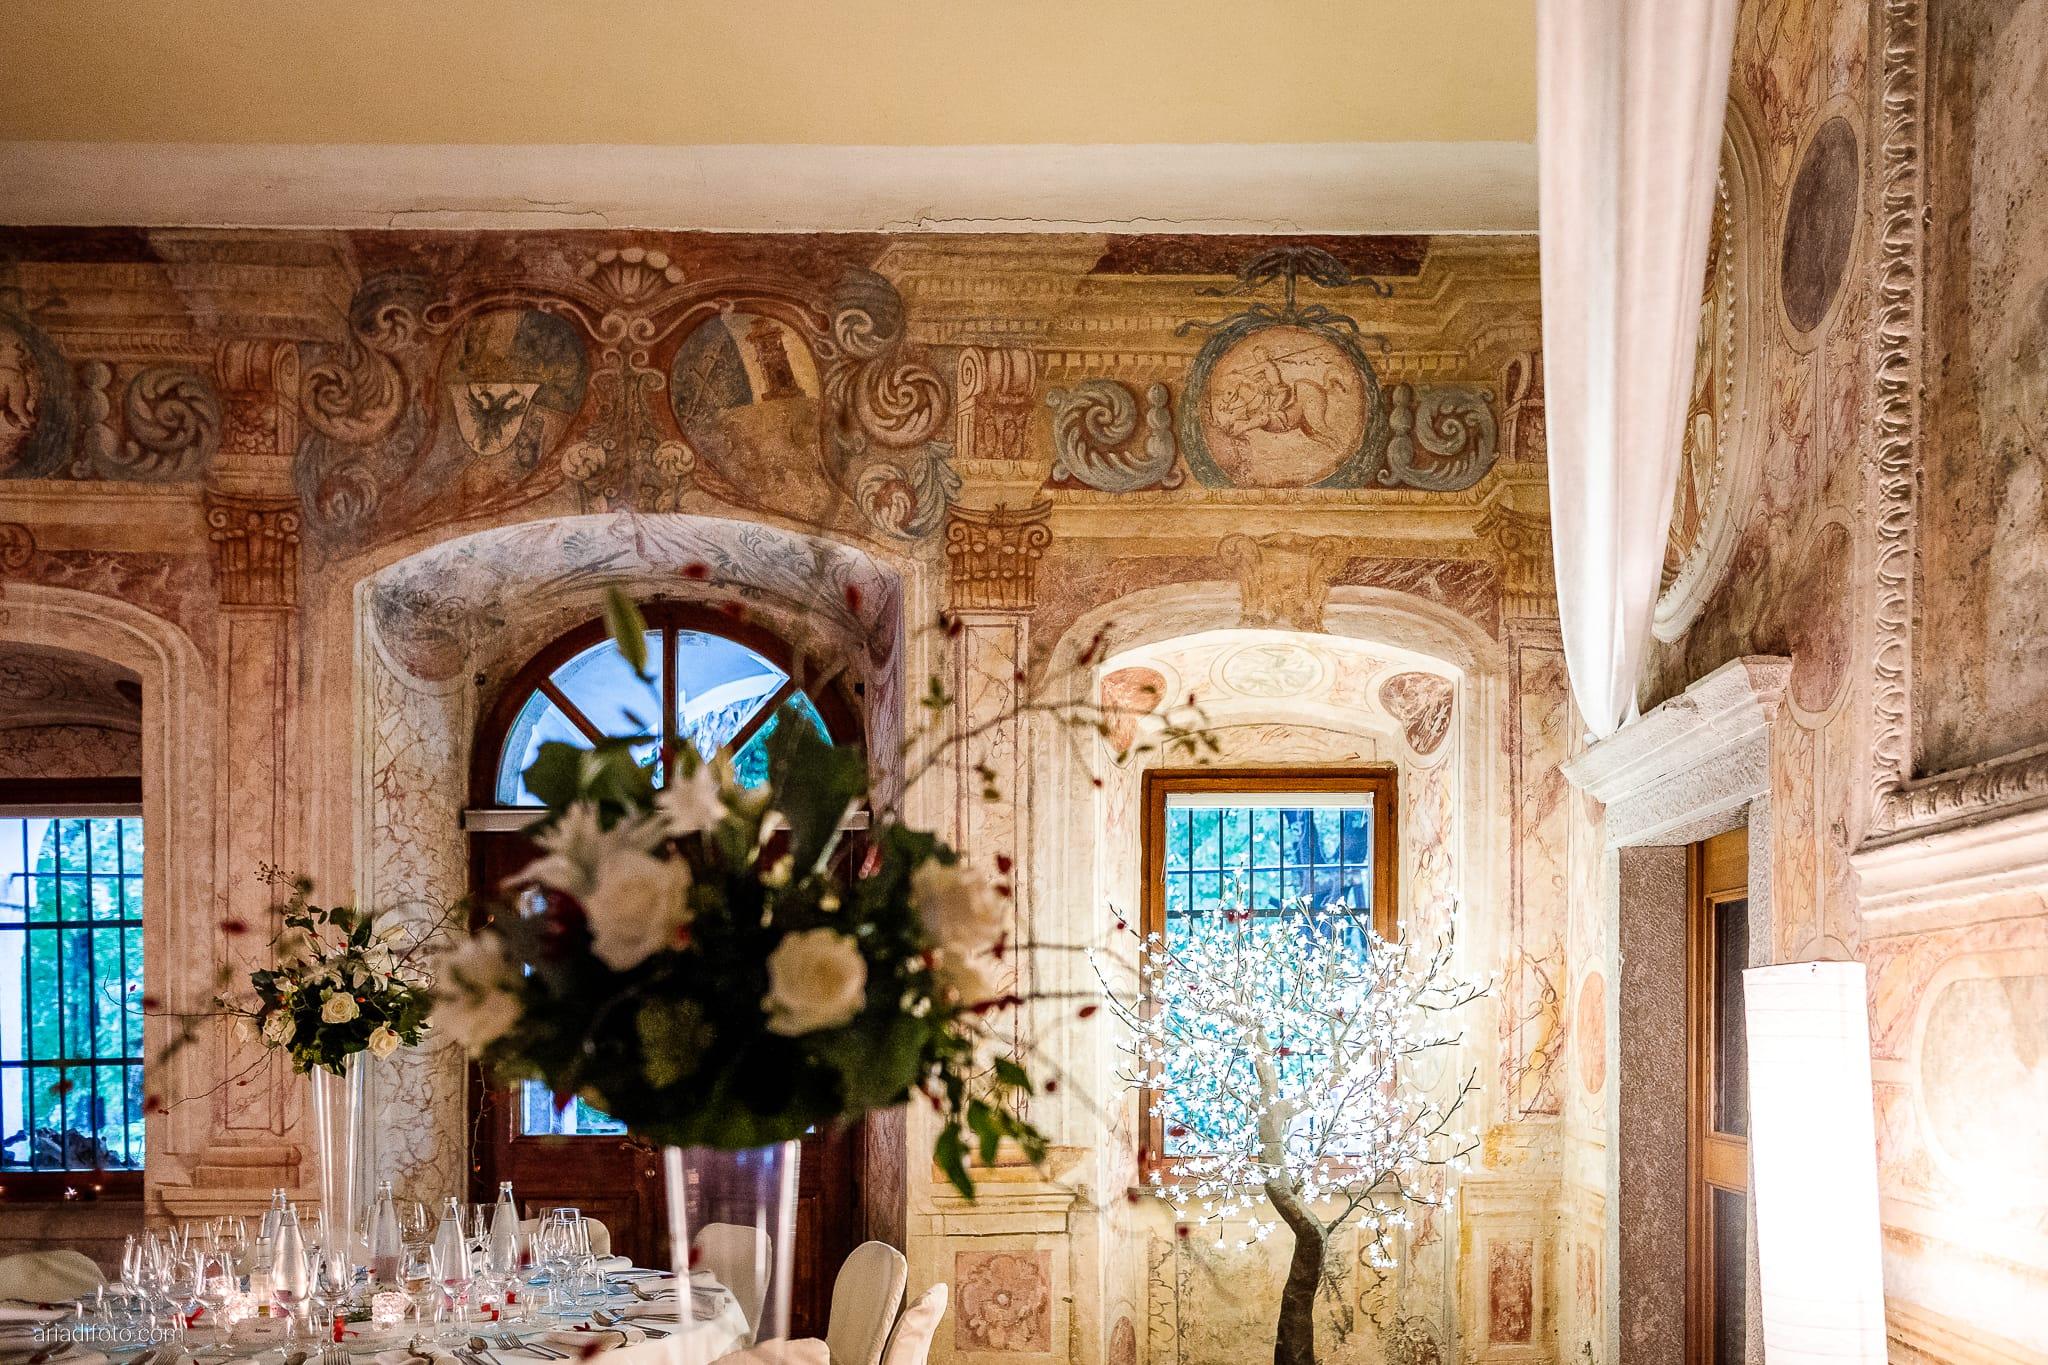 Francesca Davide Matrimonio Destination Wedding Castello Zemono Valle Vipacco Slovenia ricevimento dettagli sala centrotavola allestimenti decorazioni